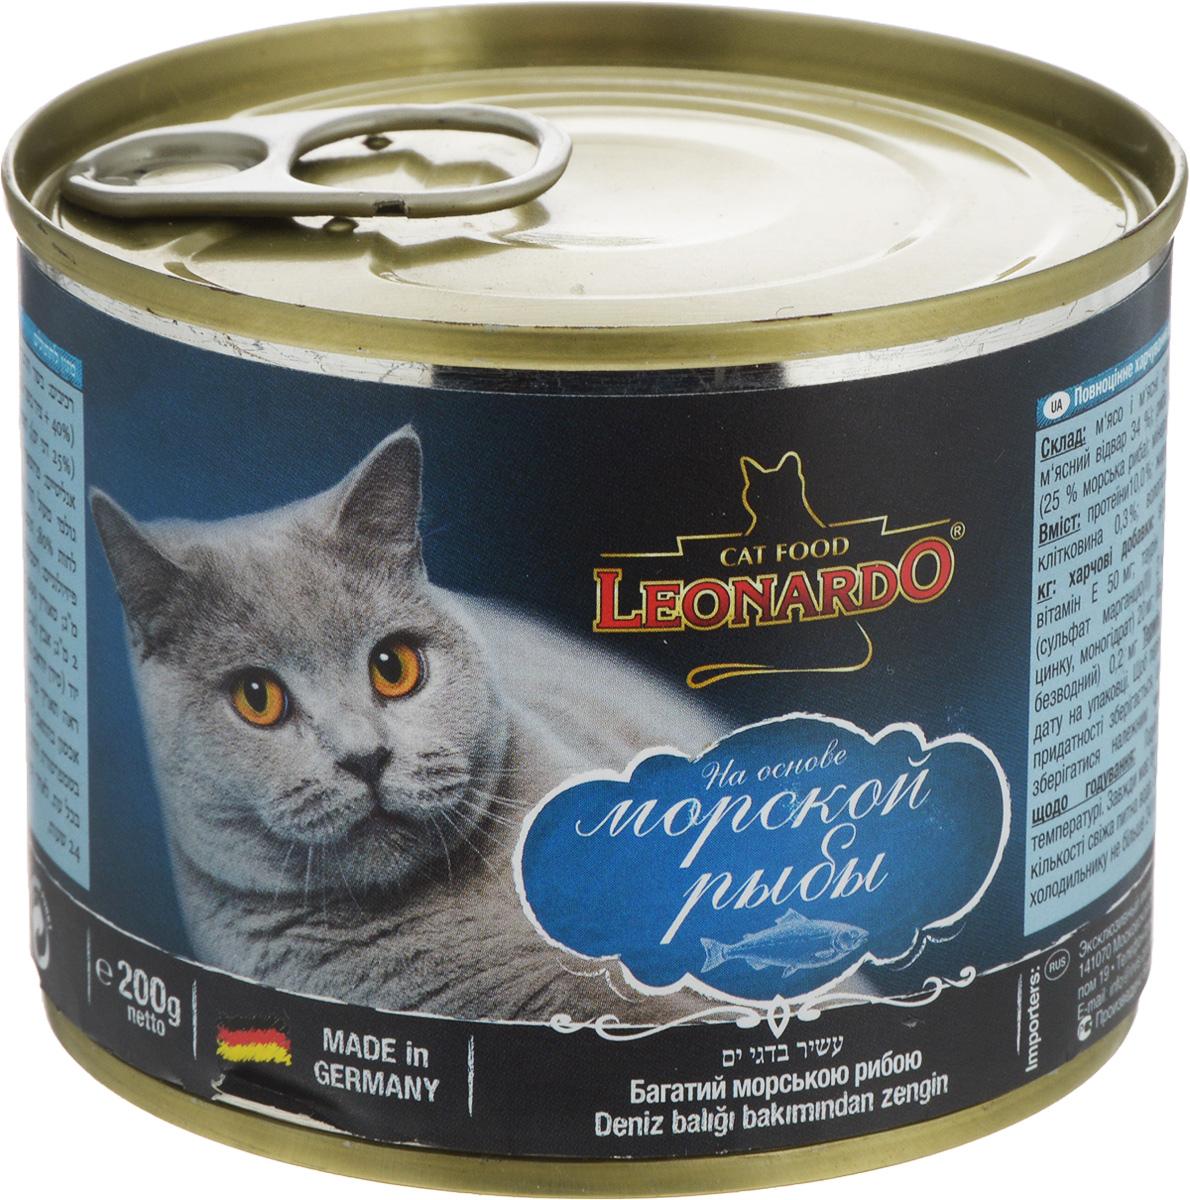 Консервы для кошек Leonardo, мясо с рыбой, 200 г37738Консервы Leonardo - 100% мясные консервы для кошек, выполненные в виде нежного фарша. Консервы состоят исключительно из отборных натуральных компонентов и не содержат сою, искусственные красители и усилители вкуса. Состав: 90% мясо птицы, 10% рыба, минералы. Анализ состава: протеин 12%, жир 5%, клетчатка 0,4%, зола 2%, влажность 79%, кальций 0,32%, фосфор 0,18%.Содержание на 1 кг: цинк 15 мг, марганец 1,5 мг, витамин А 5000 МЕ, витамин Е 40 мг, витамин D3 250 МЕ, витамин В2 0,8 мг, витамин В12 4,0 мг.Вес: 200 г.Товар сертифицирован.Уважаемые клиенты!Обращаем ваше внимание на возможные изменения в дизайне упаковки. Качественные характеристики товара остаются неизменными. Поставка осуществляется в зависимости от наличия на складе.